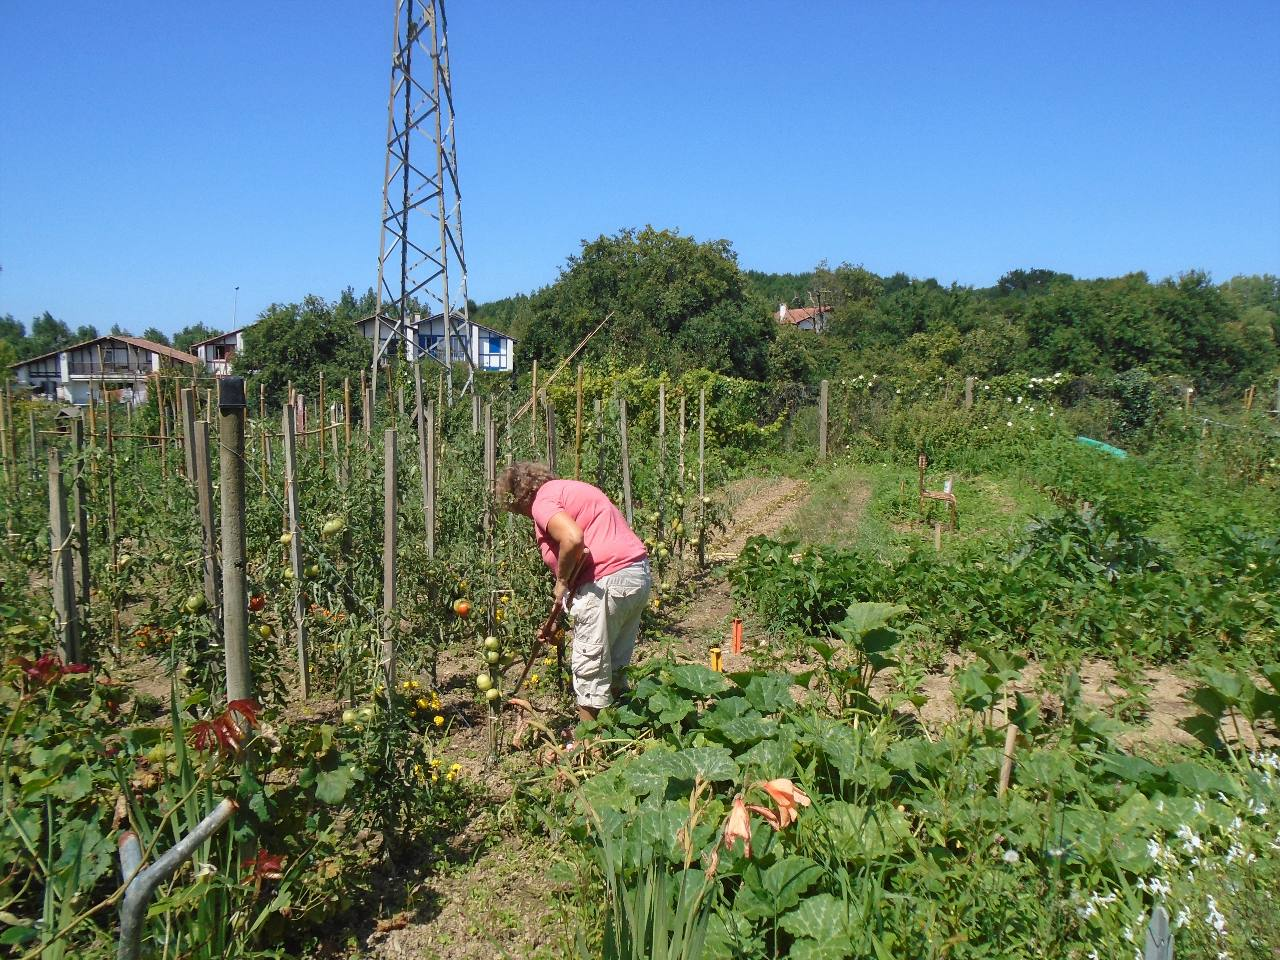 Le potager de Véronique - jardins partagés